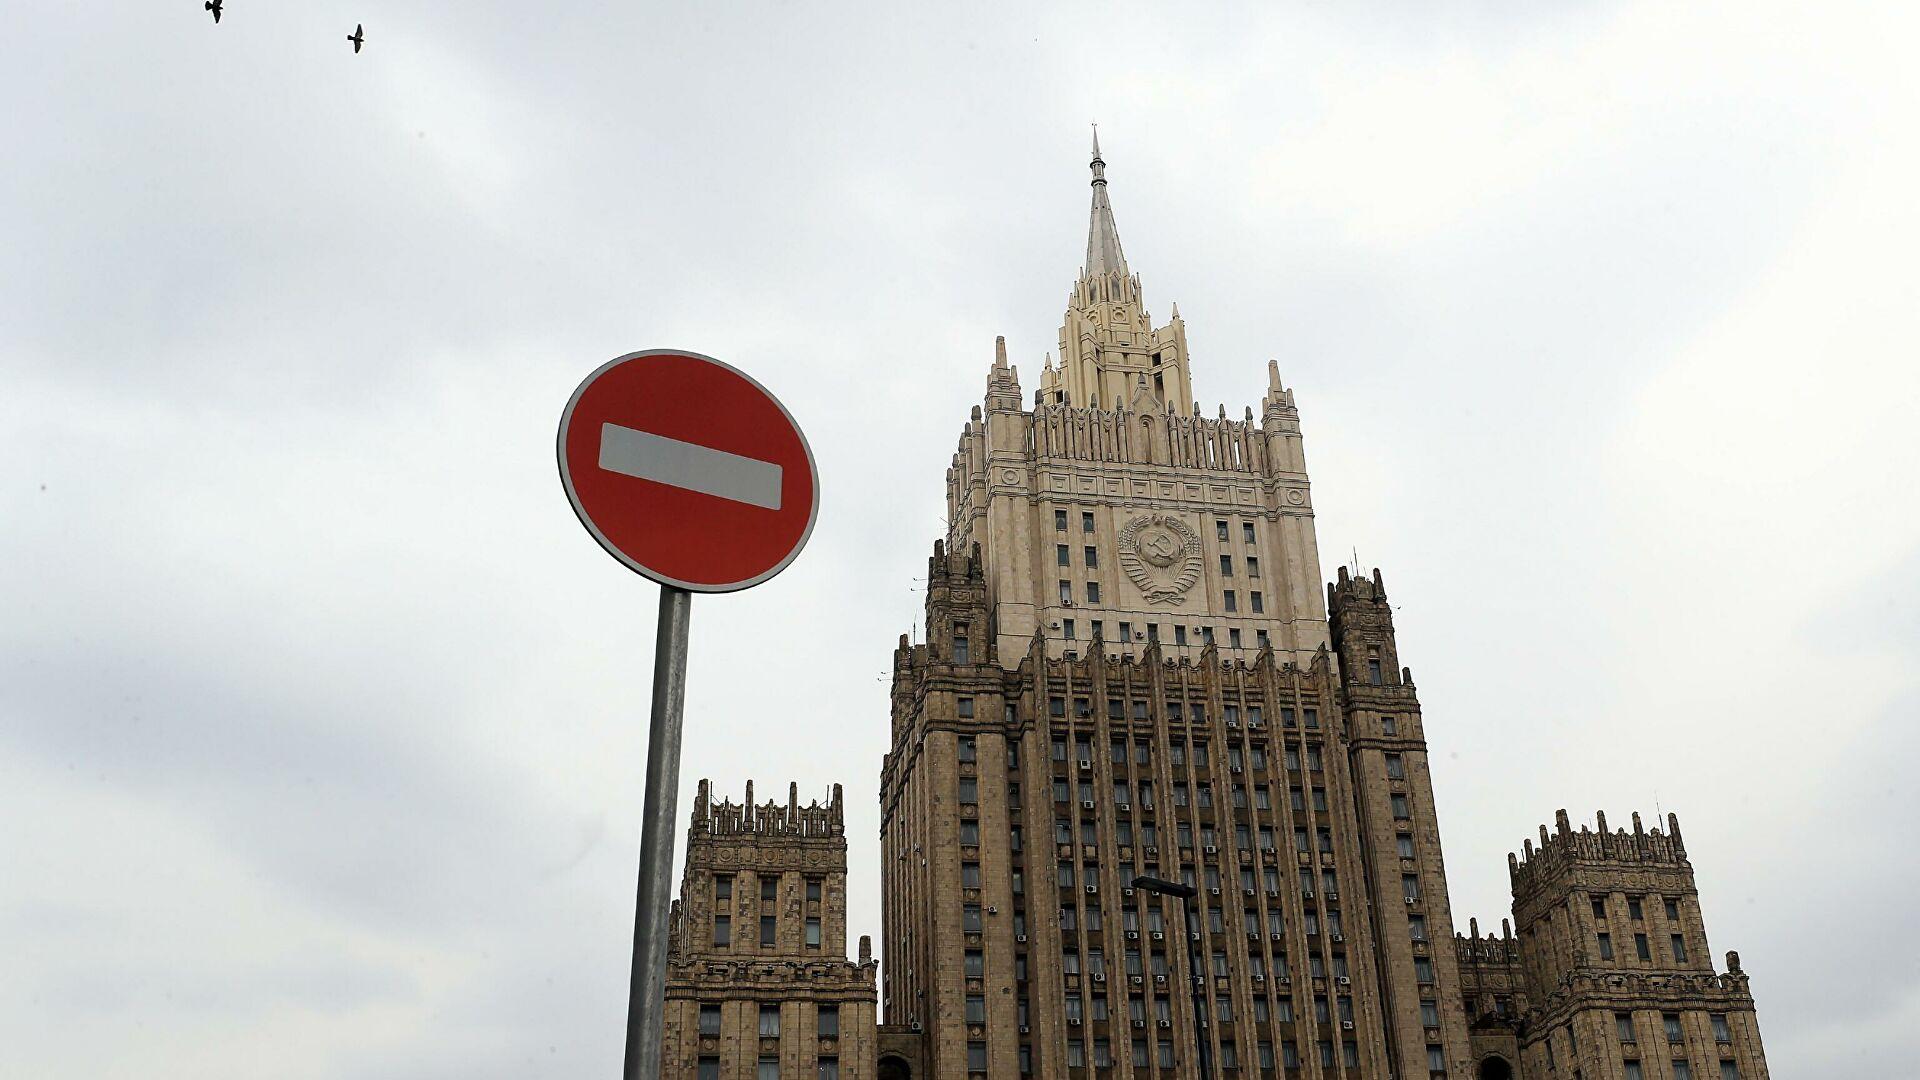 МИД вручил временному поверенному в делах Украины ноту протеста